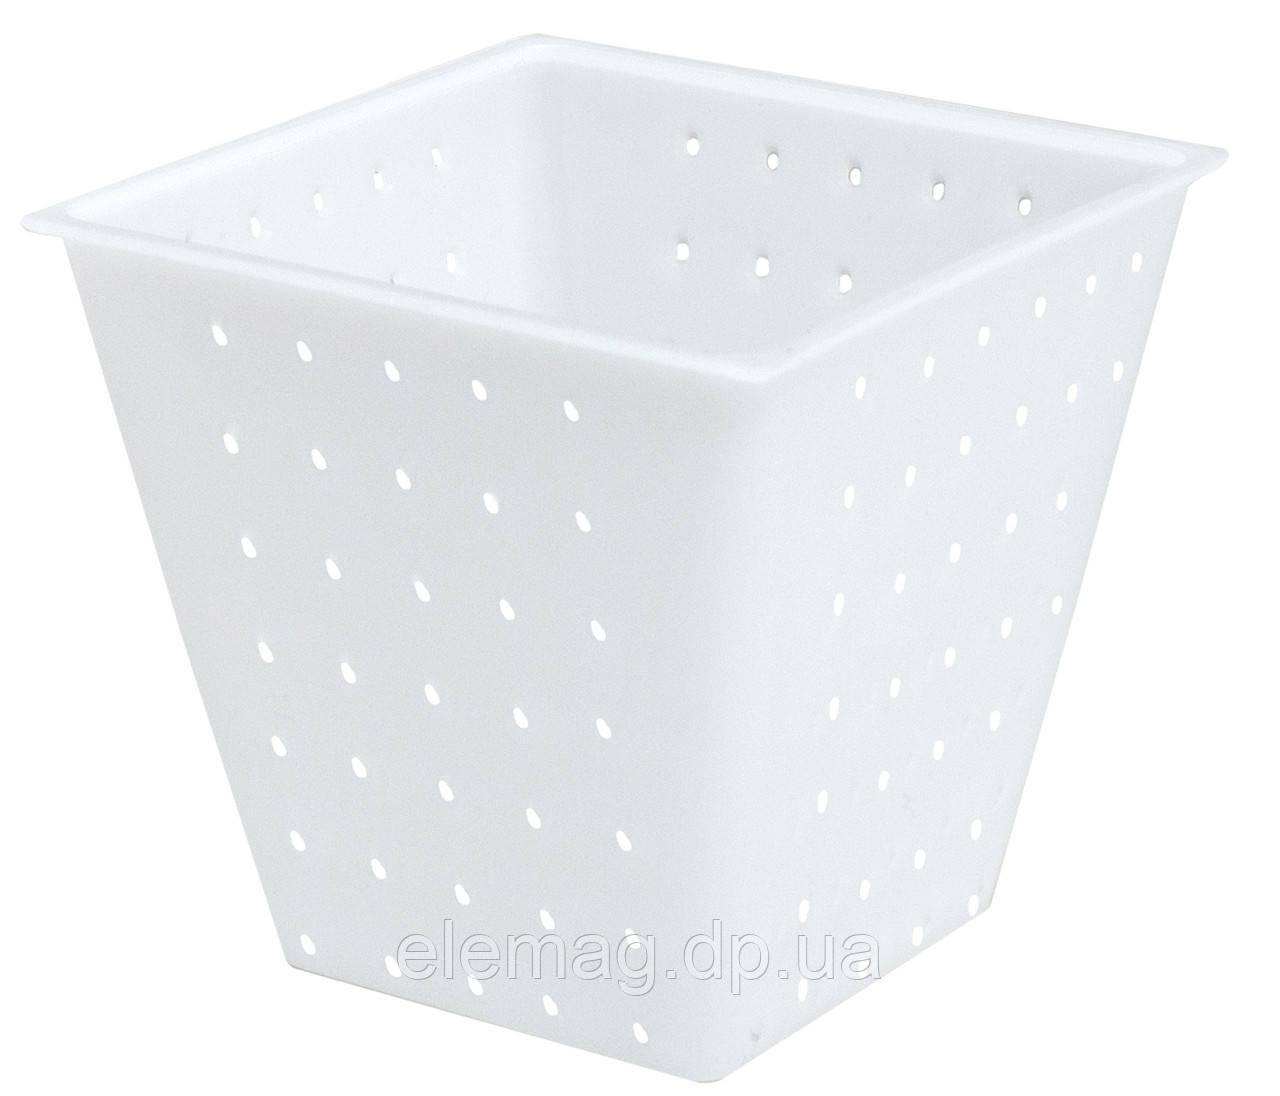 Форма для сиру Пірамідка 0,4 л